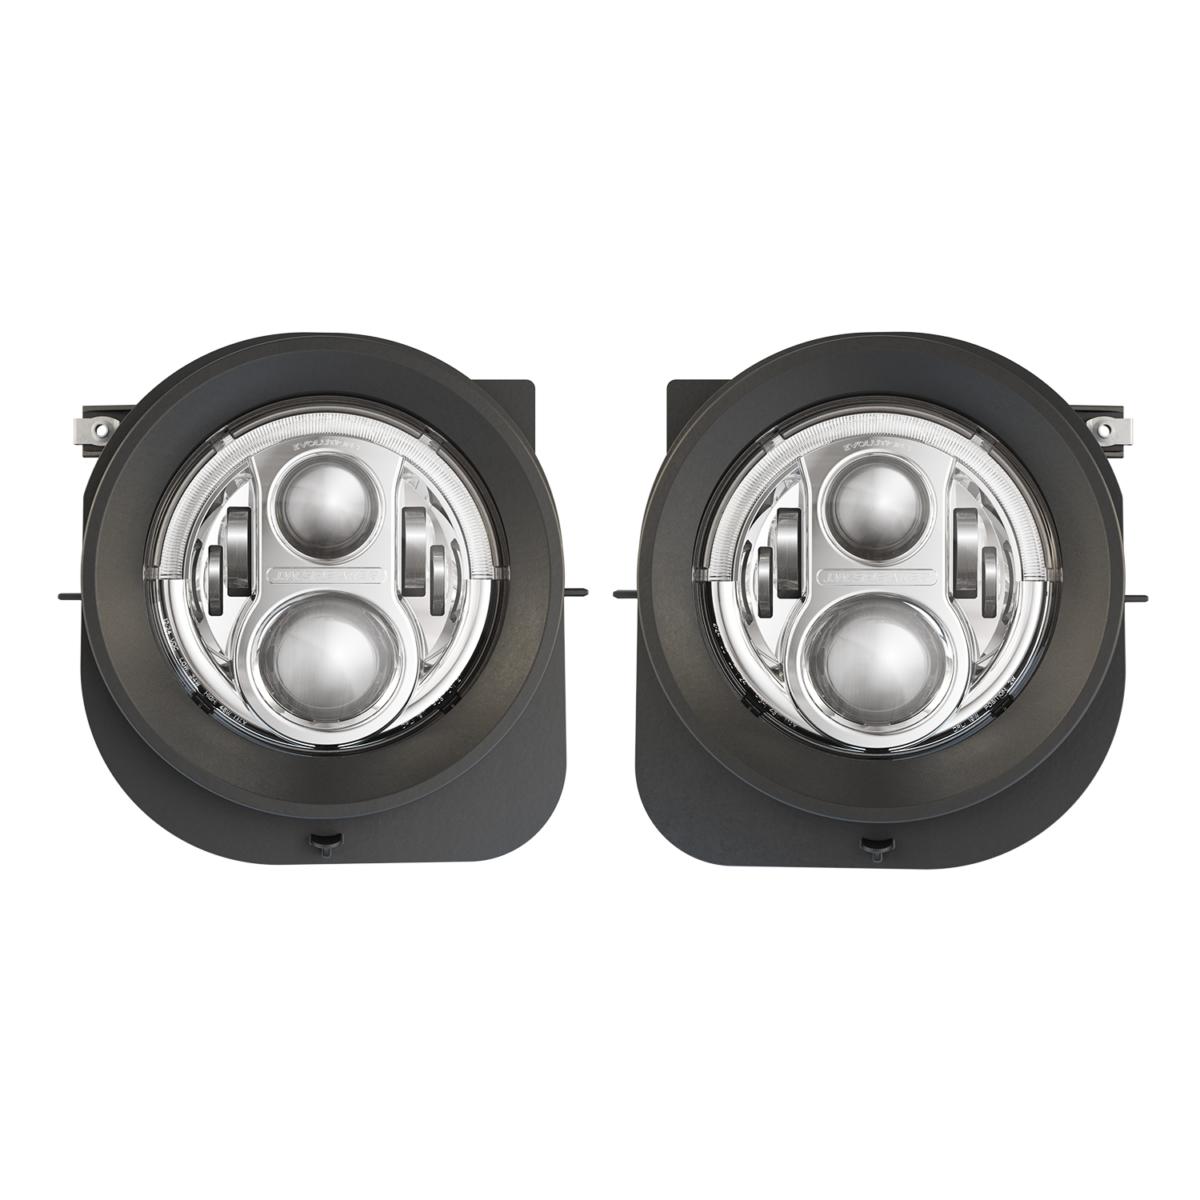 J.W. Speaker 0554263 Headlight Assembly - LED 8700 Evolution 2R  - image 1 de 1